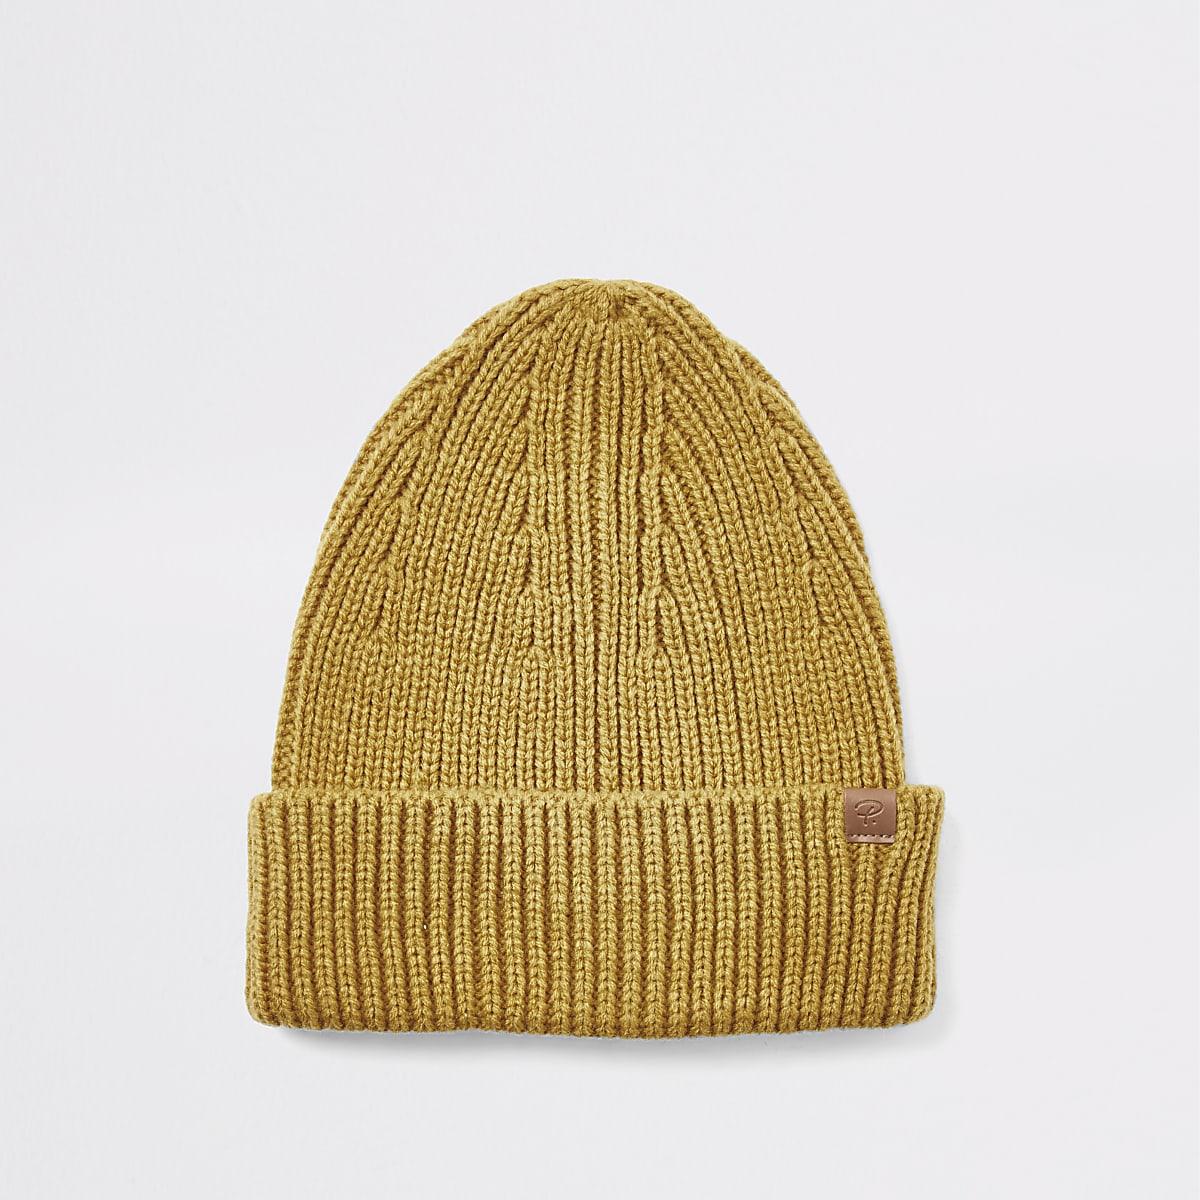 Mustard yellow fisherman knitted beanie hat